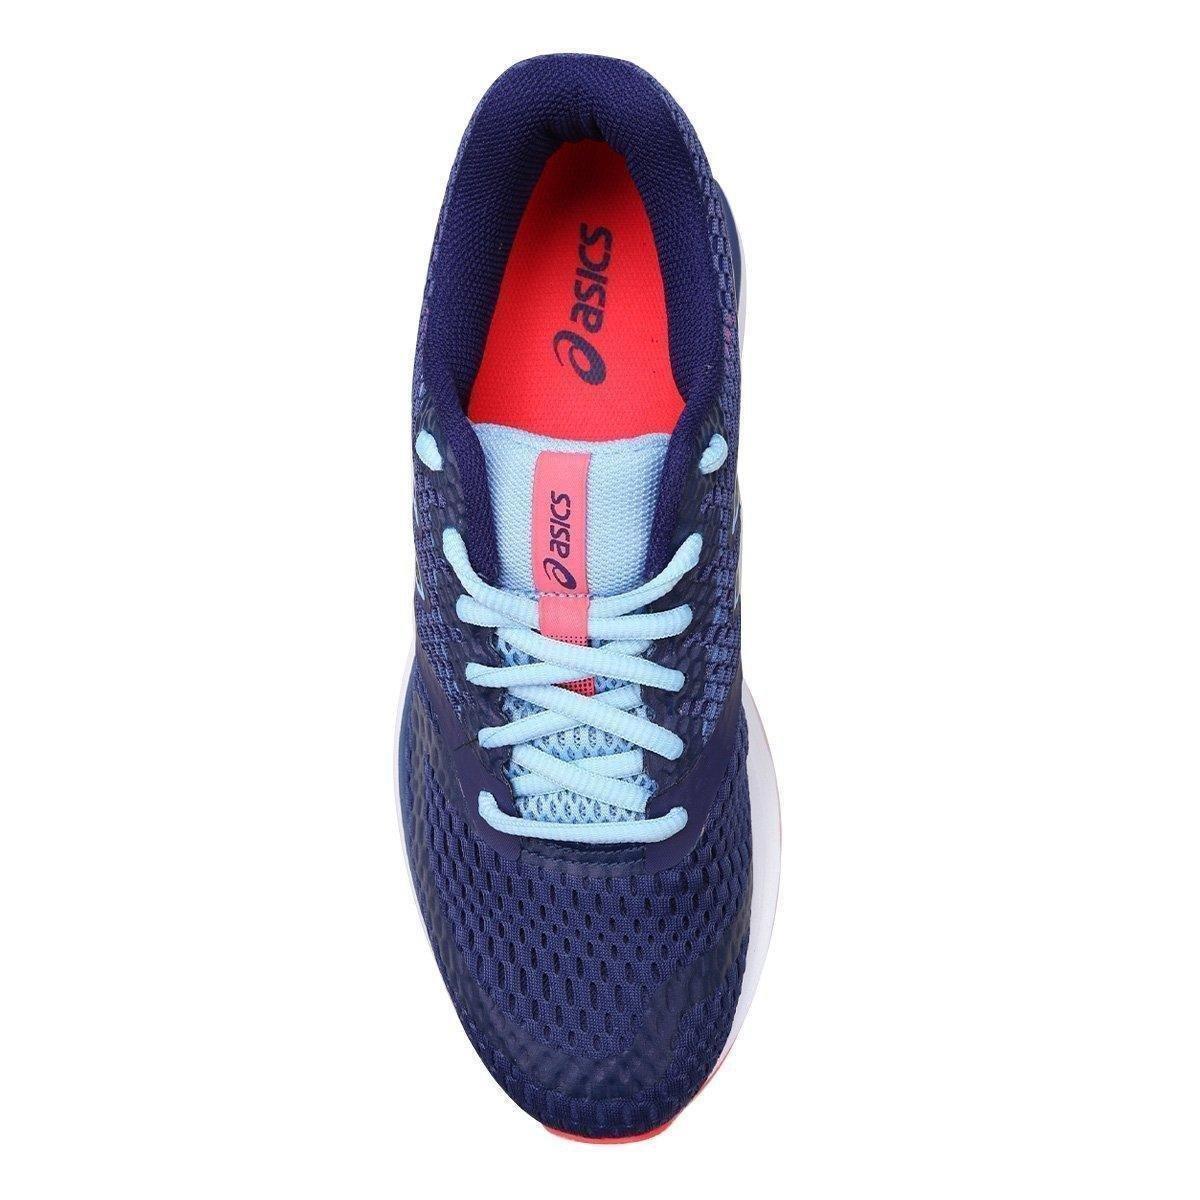 Tênis Asics Gel Pulse 10 Feminino - Azul - Compre Agora  7590e34cf390b